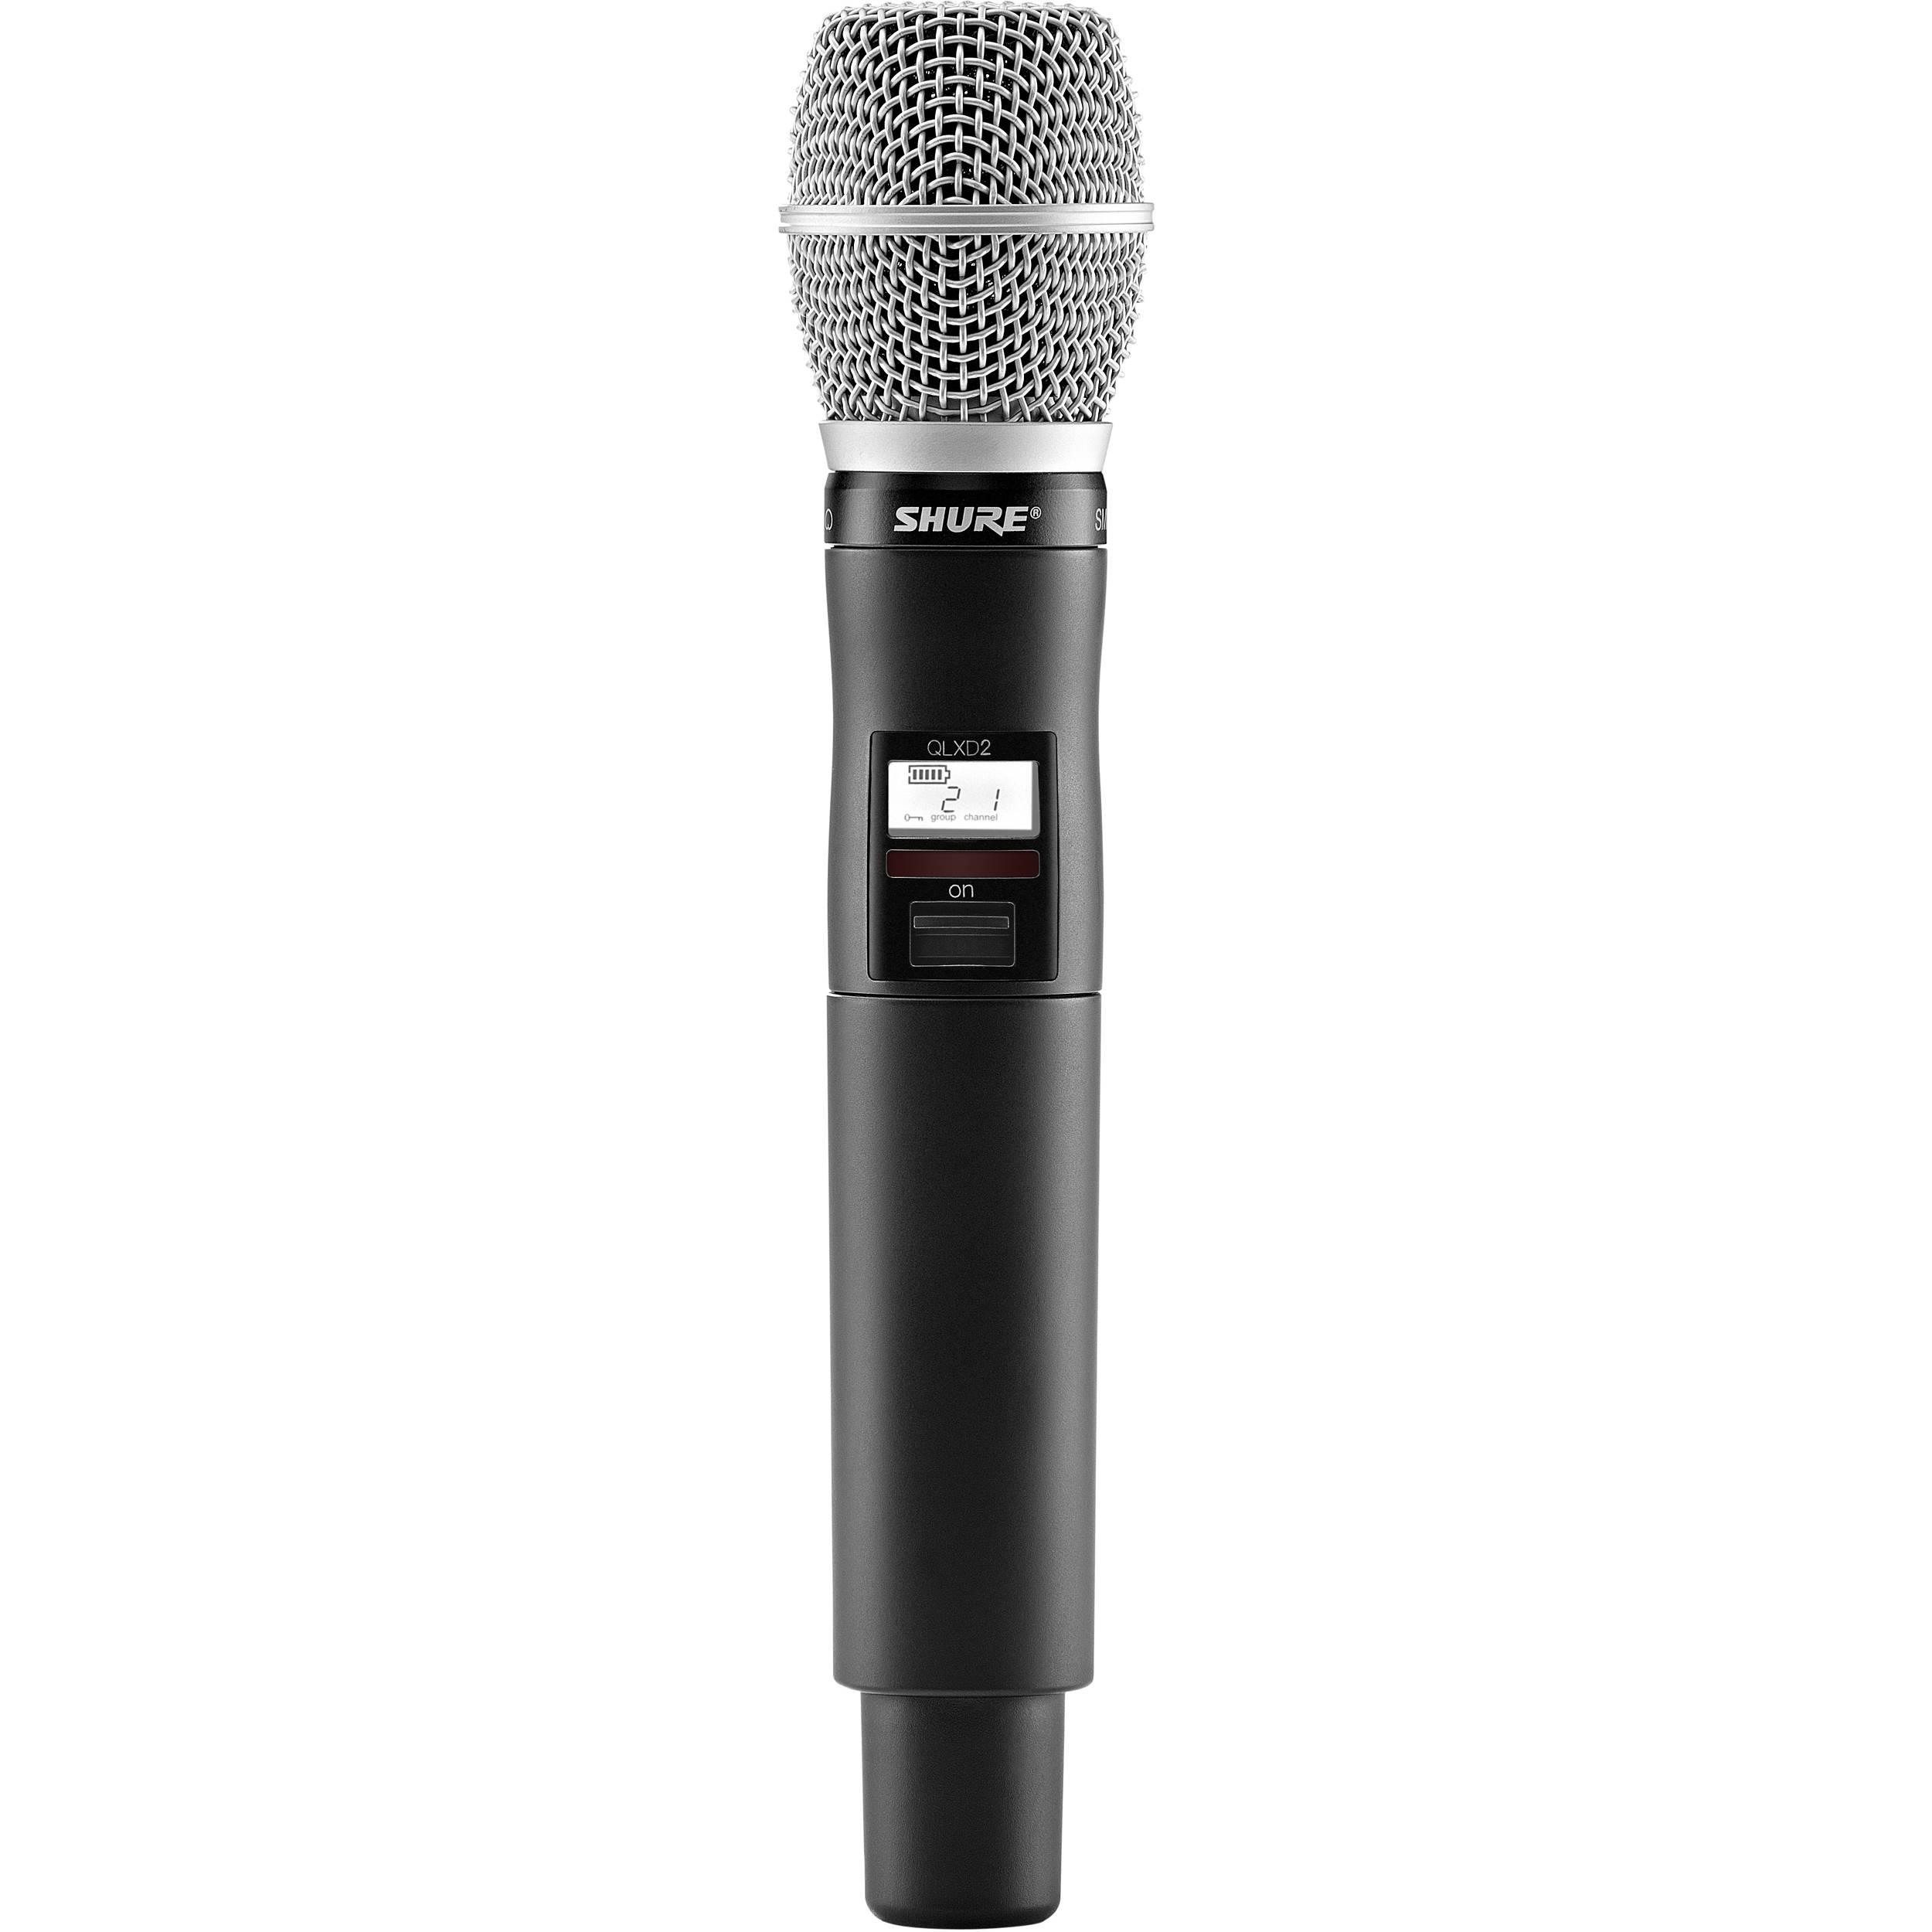 Handheld Wireless Microphone Transmitter : shure qlxd2 sm86 digital handheld wireless qlxd2 sm86 x52 b h ~ Hamham.info Haus und Dekorationen